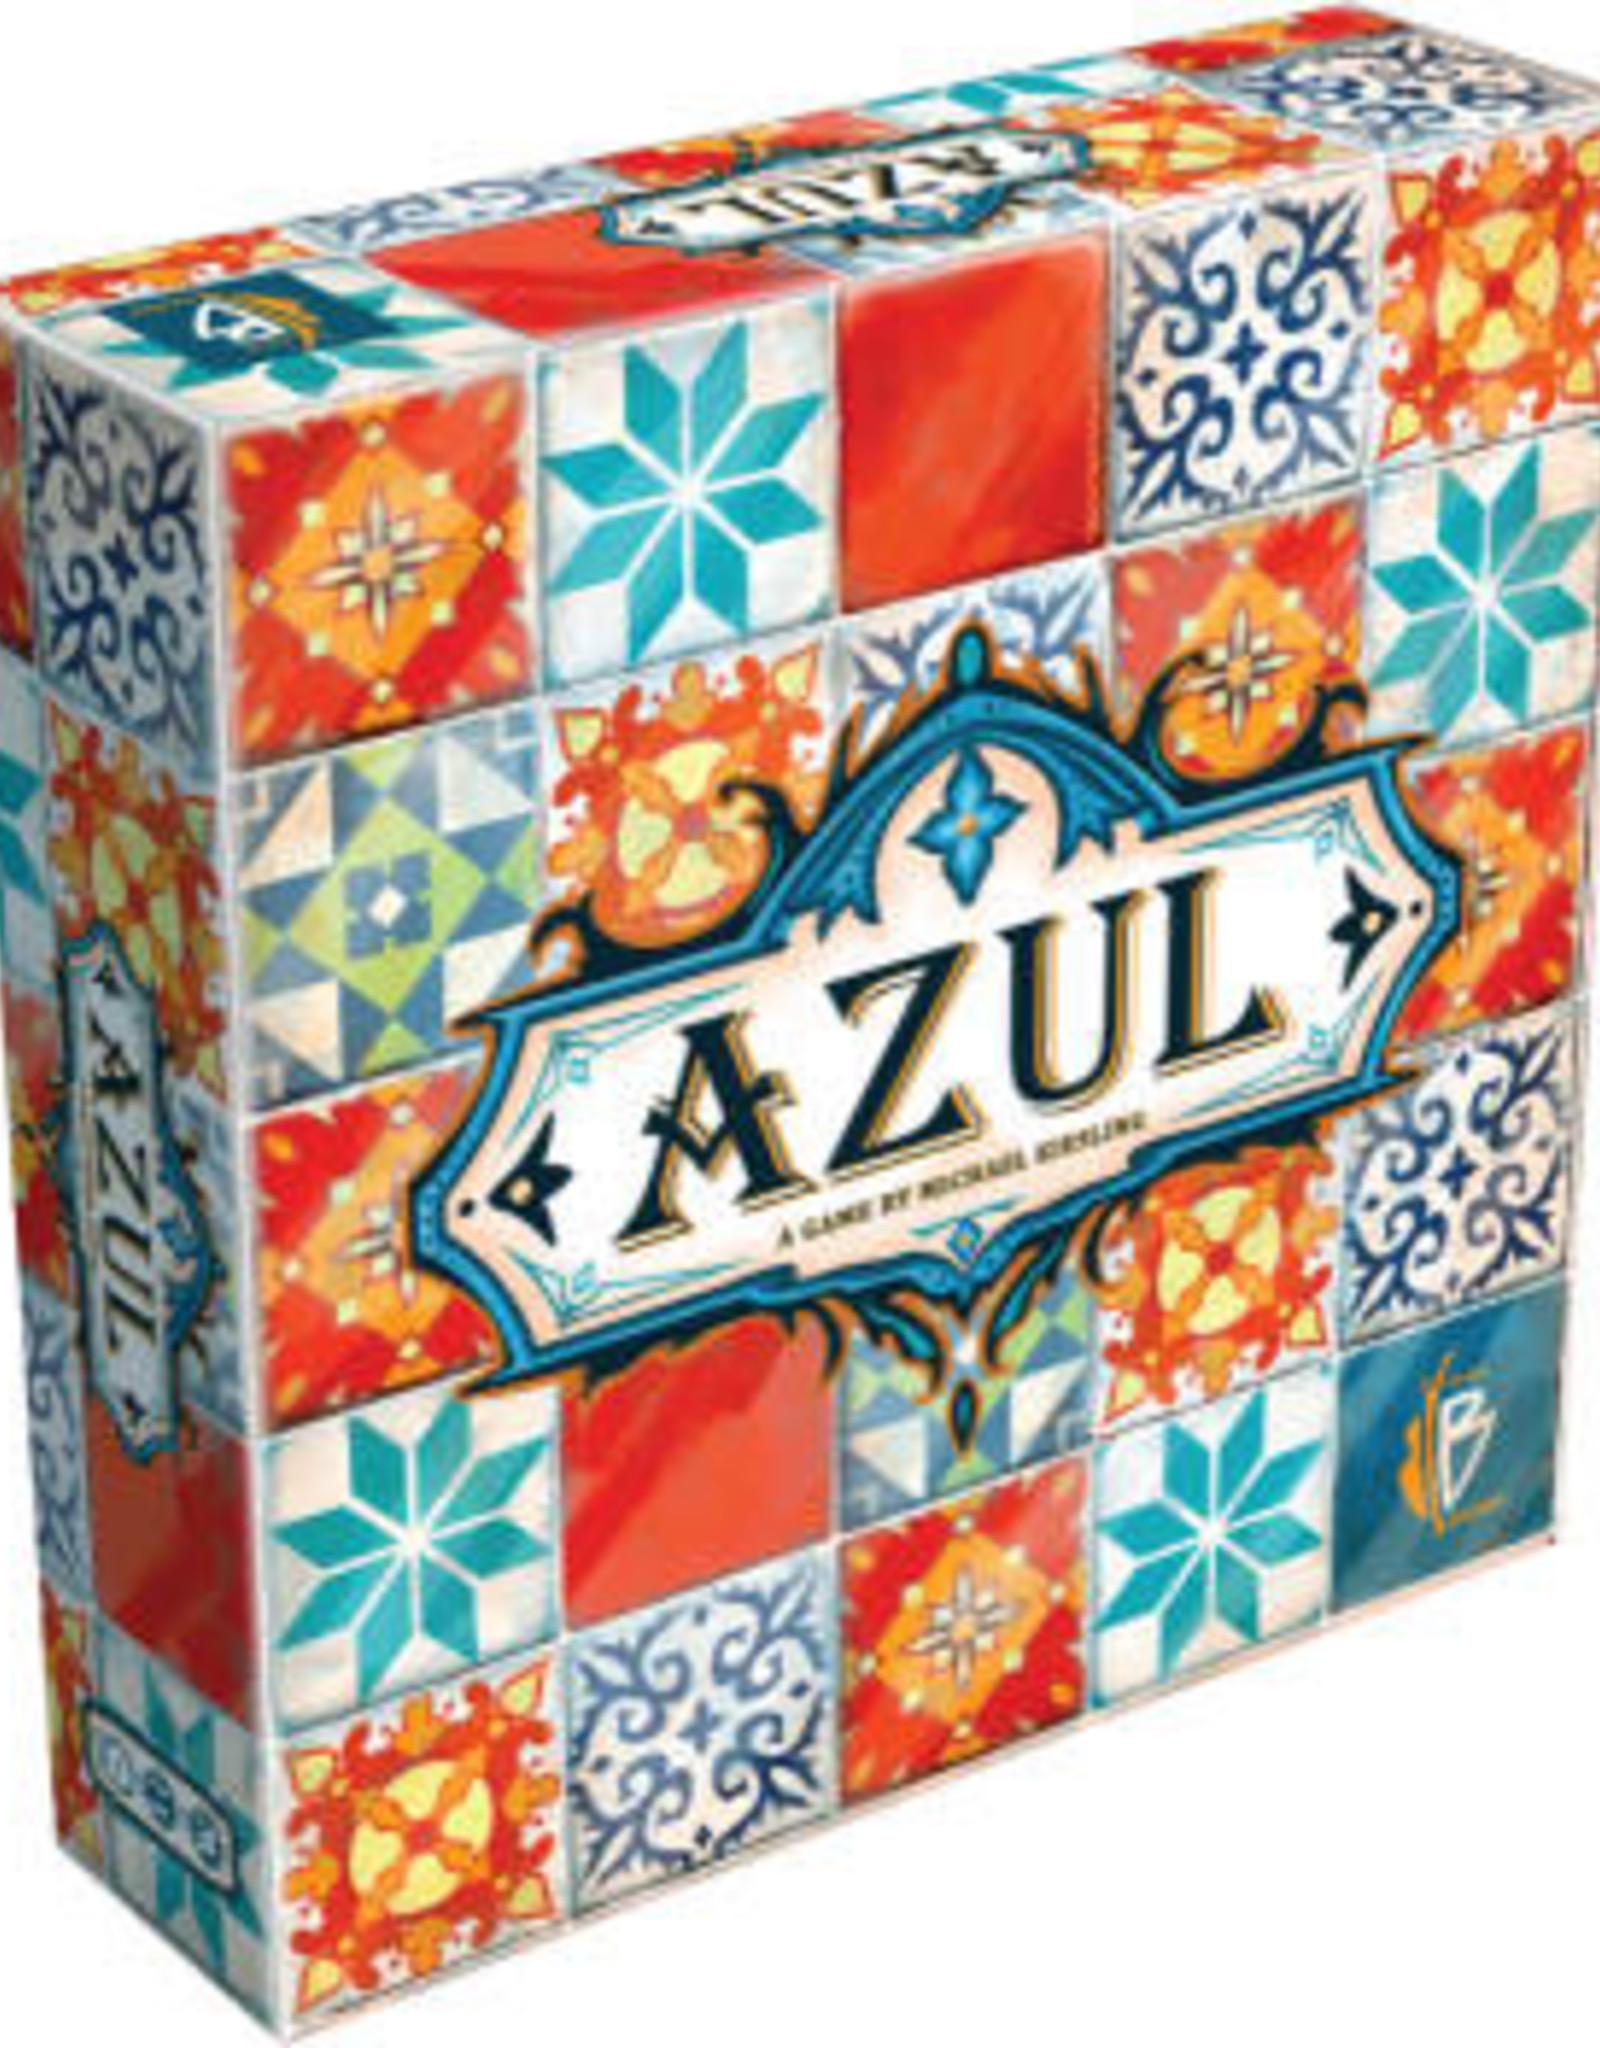 Next Move Games Azul